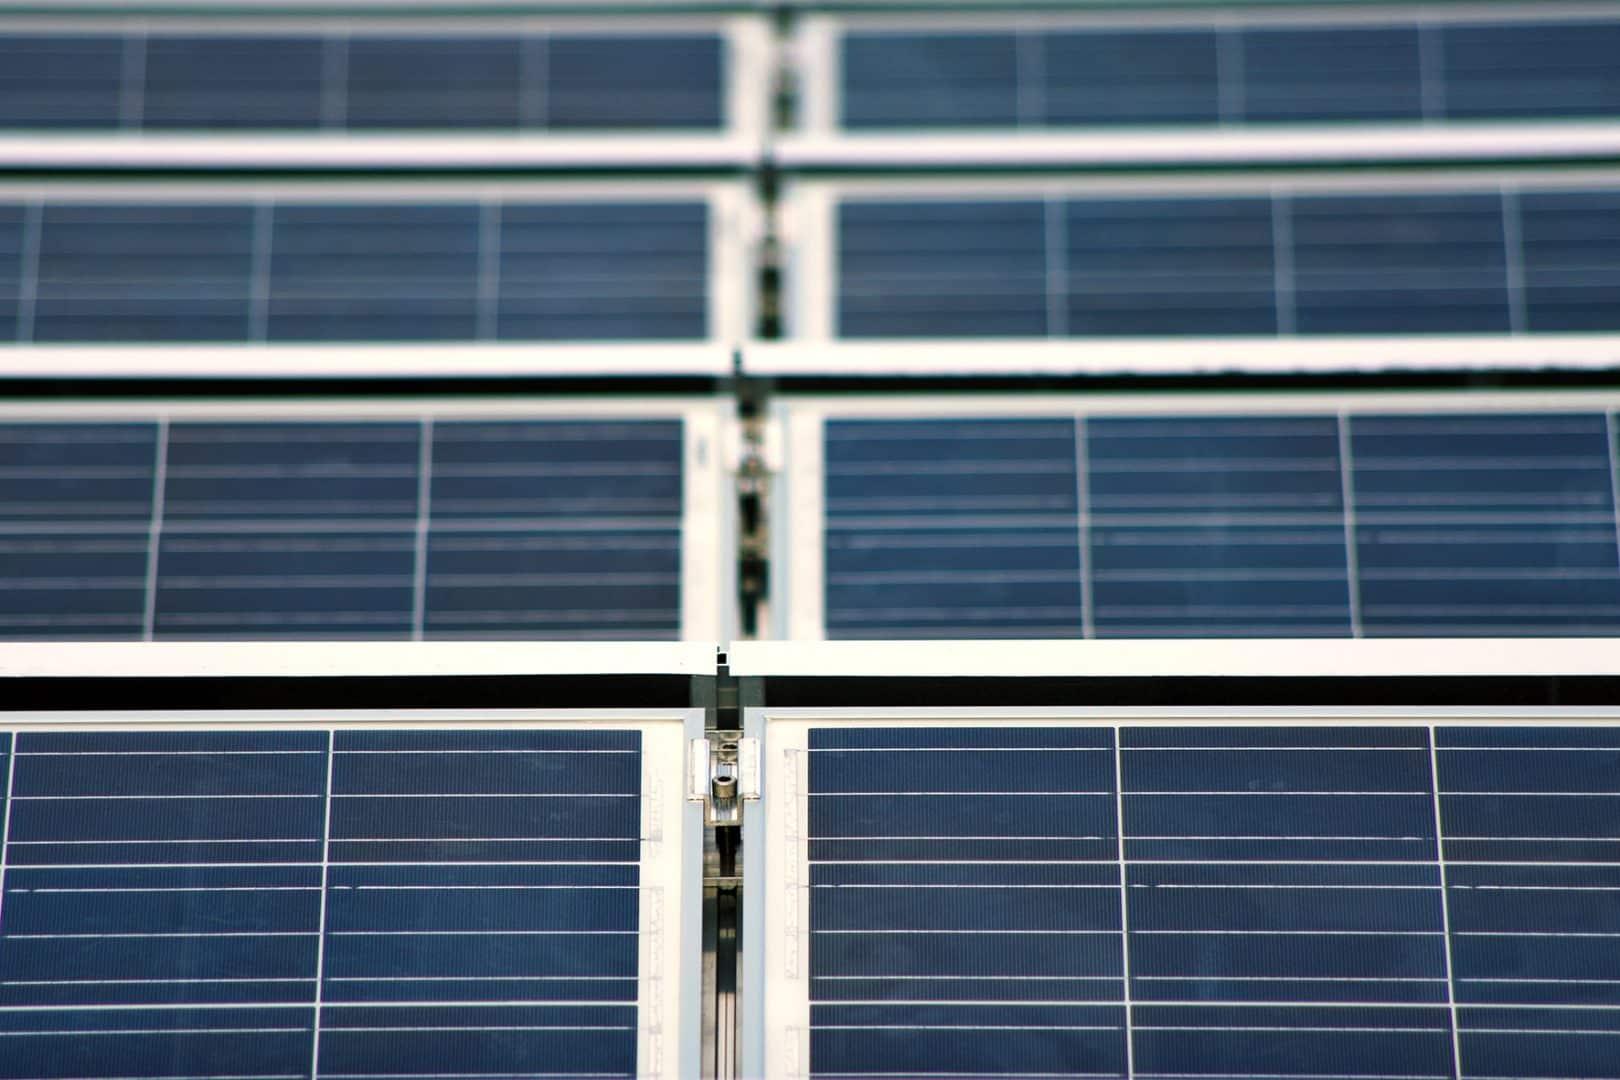 pas de remise en cause des contrats photovoltaiques conclus avant 2011